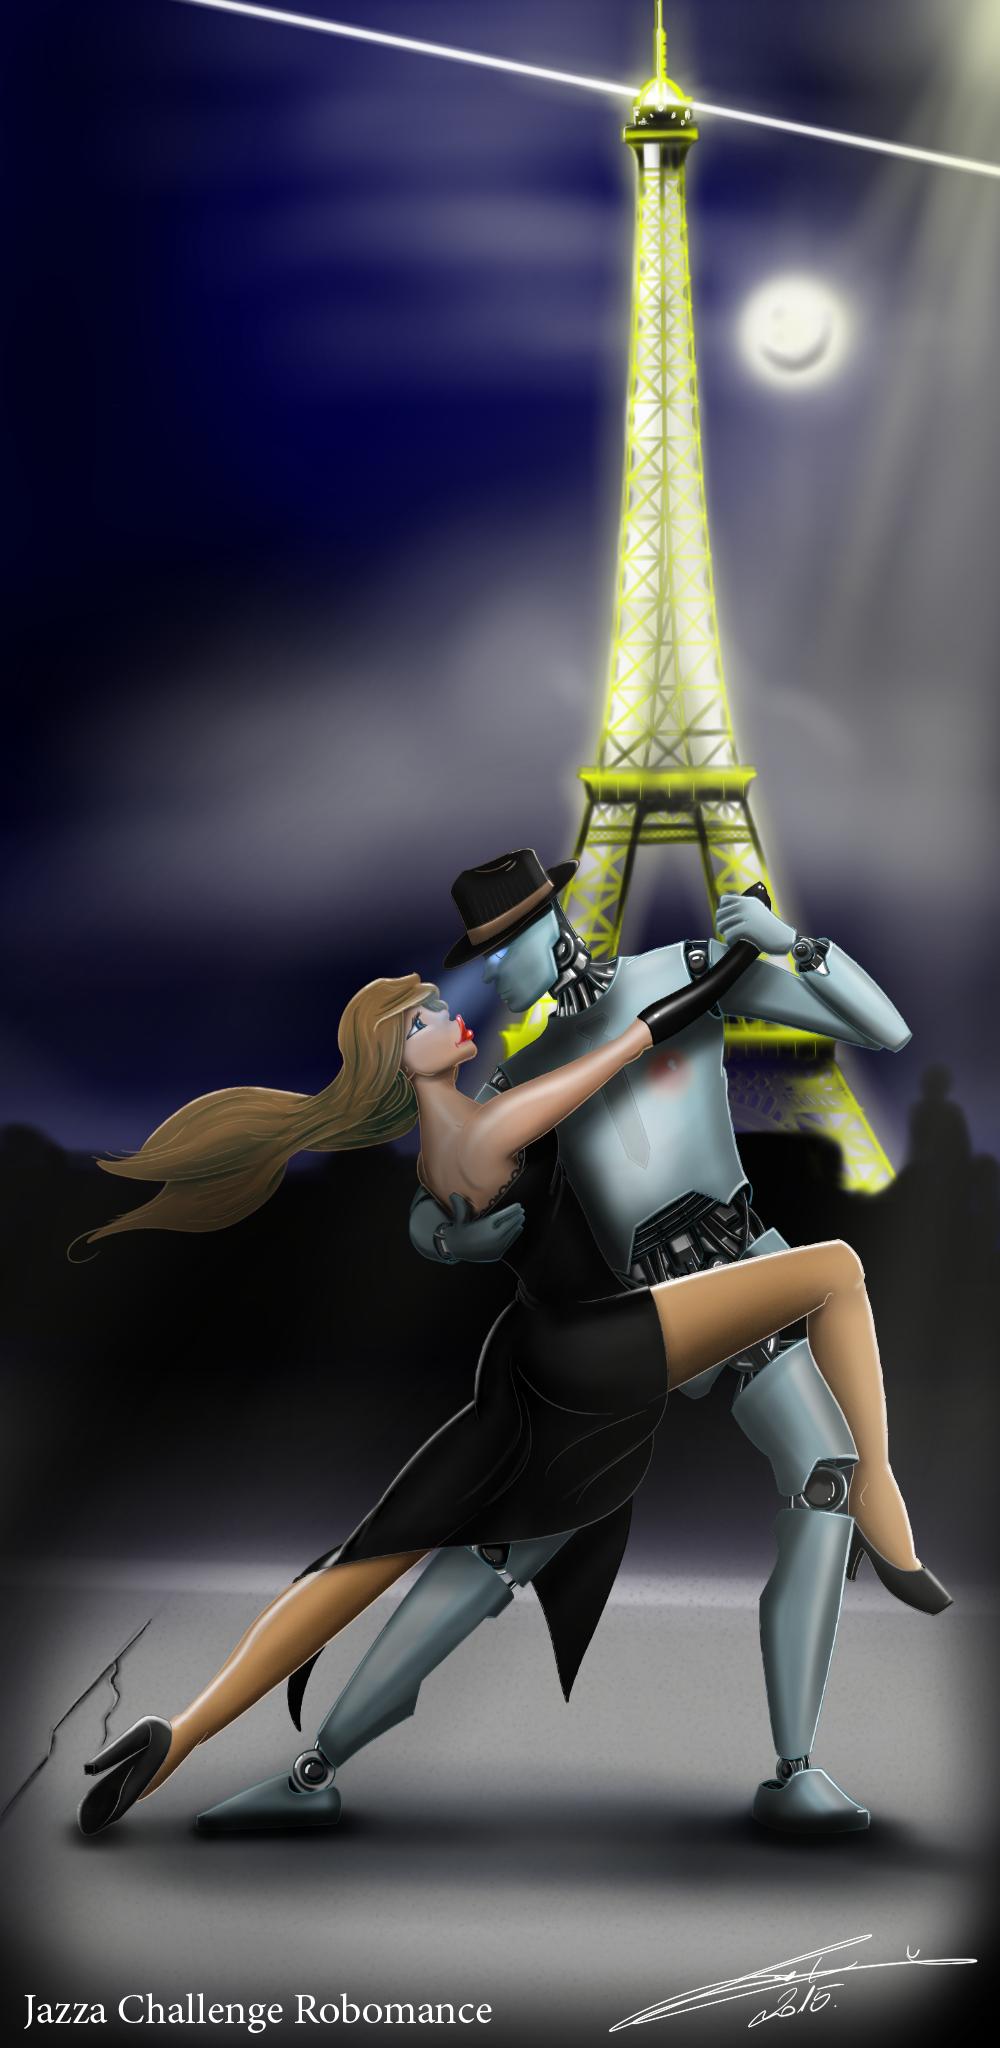 robomance_dance_paris